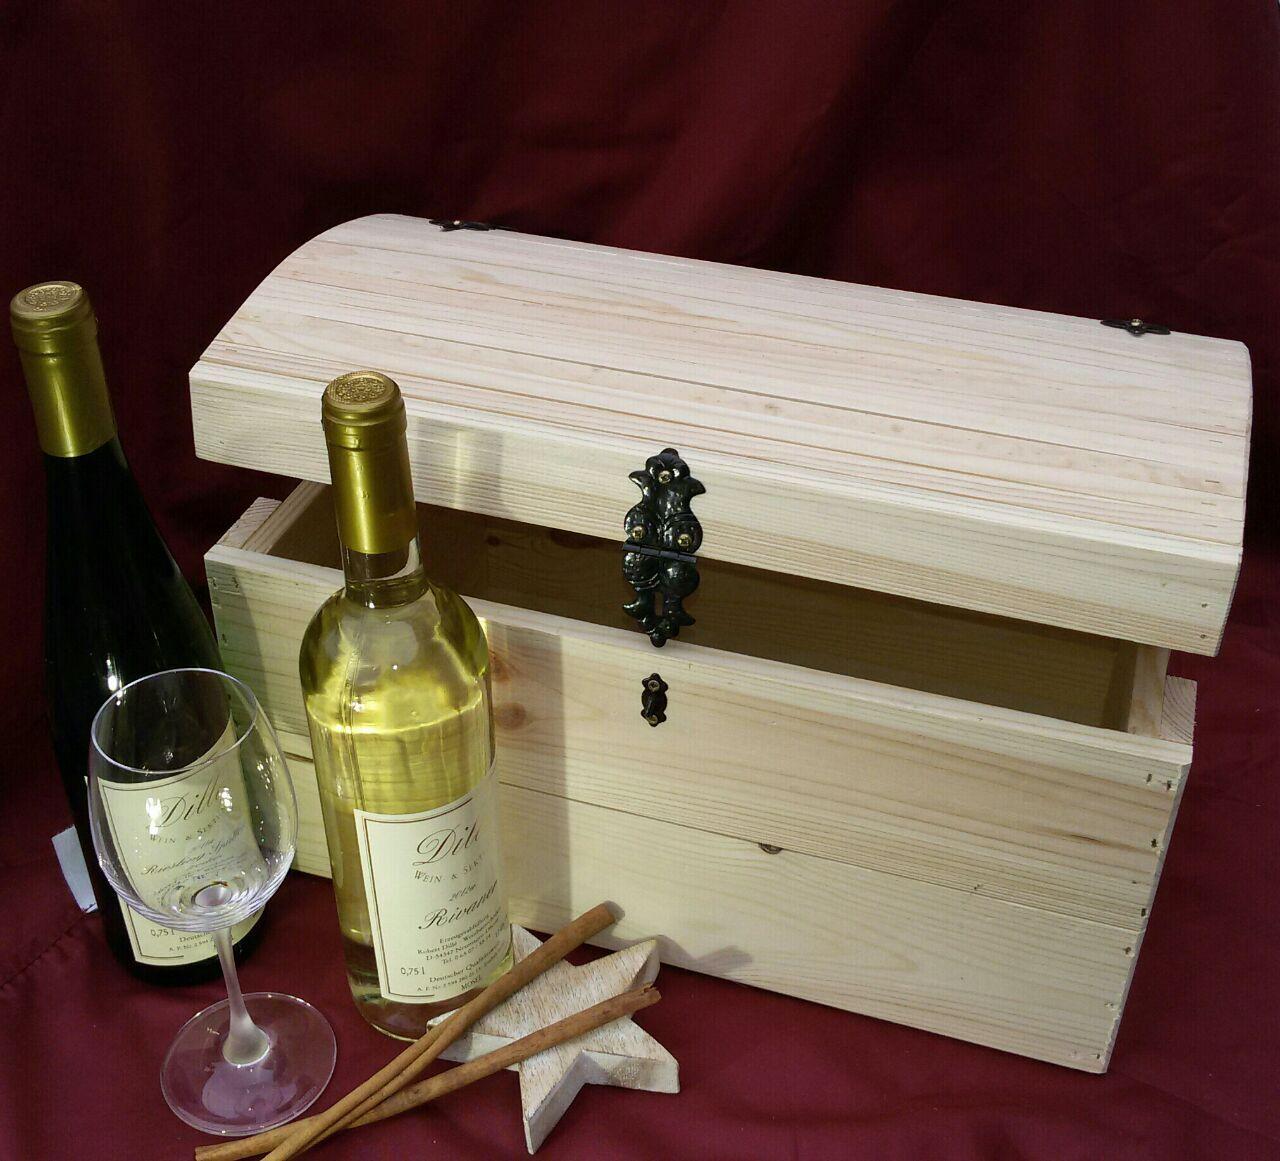 Schatzkiste, Holzkiste, Geldgeschenk, Hochzeit, Kiste, hochzeits deko, | Große Klassifizierung  | Förderung